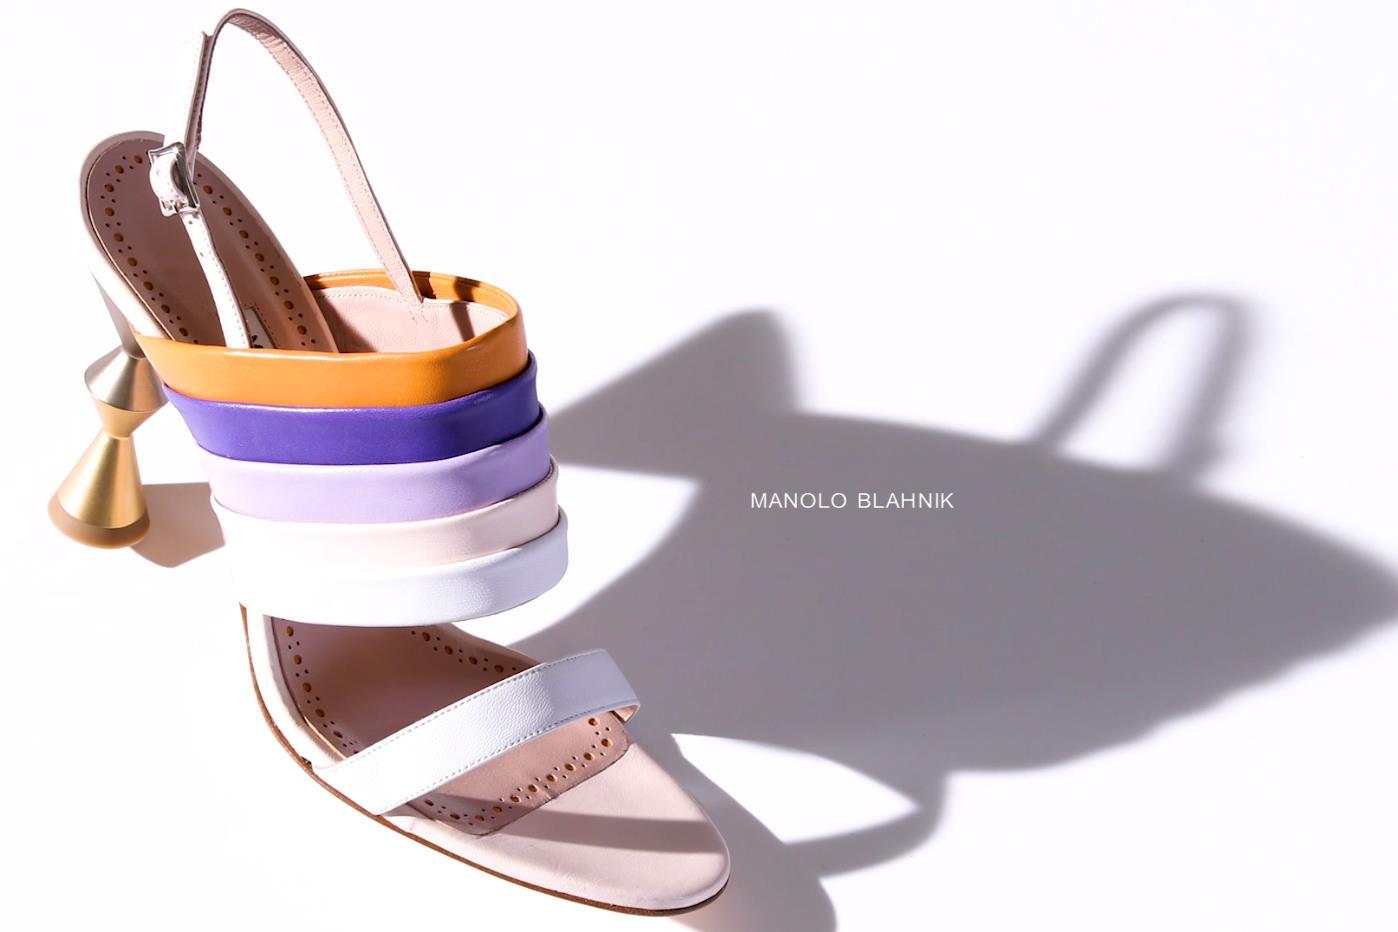 英国奢侈鞋履品牌 Manolo Blahnik 收购其长期合作的意大利顶级鞋履代工厂